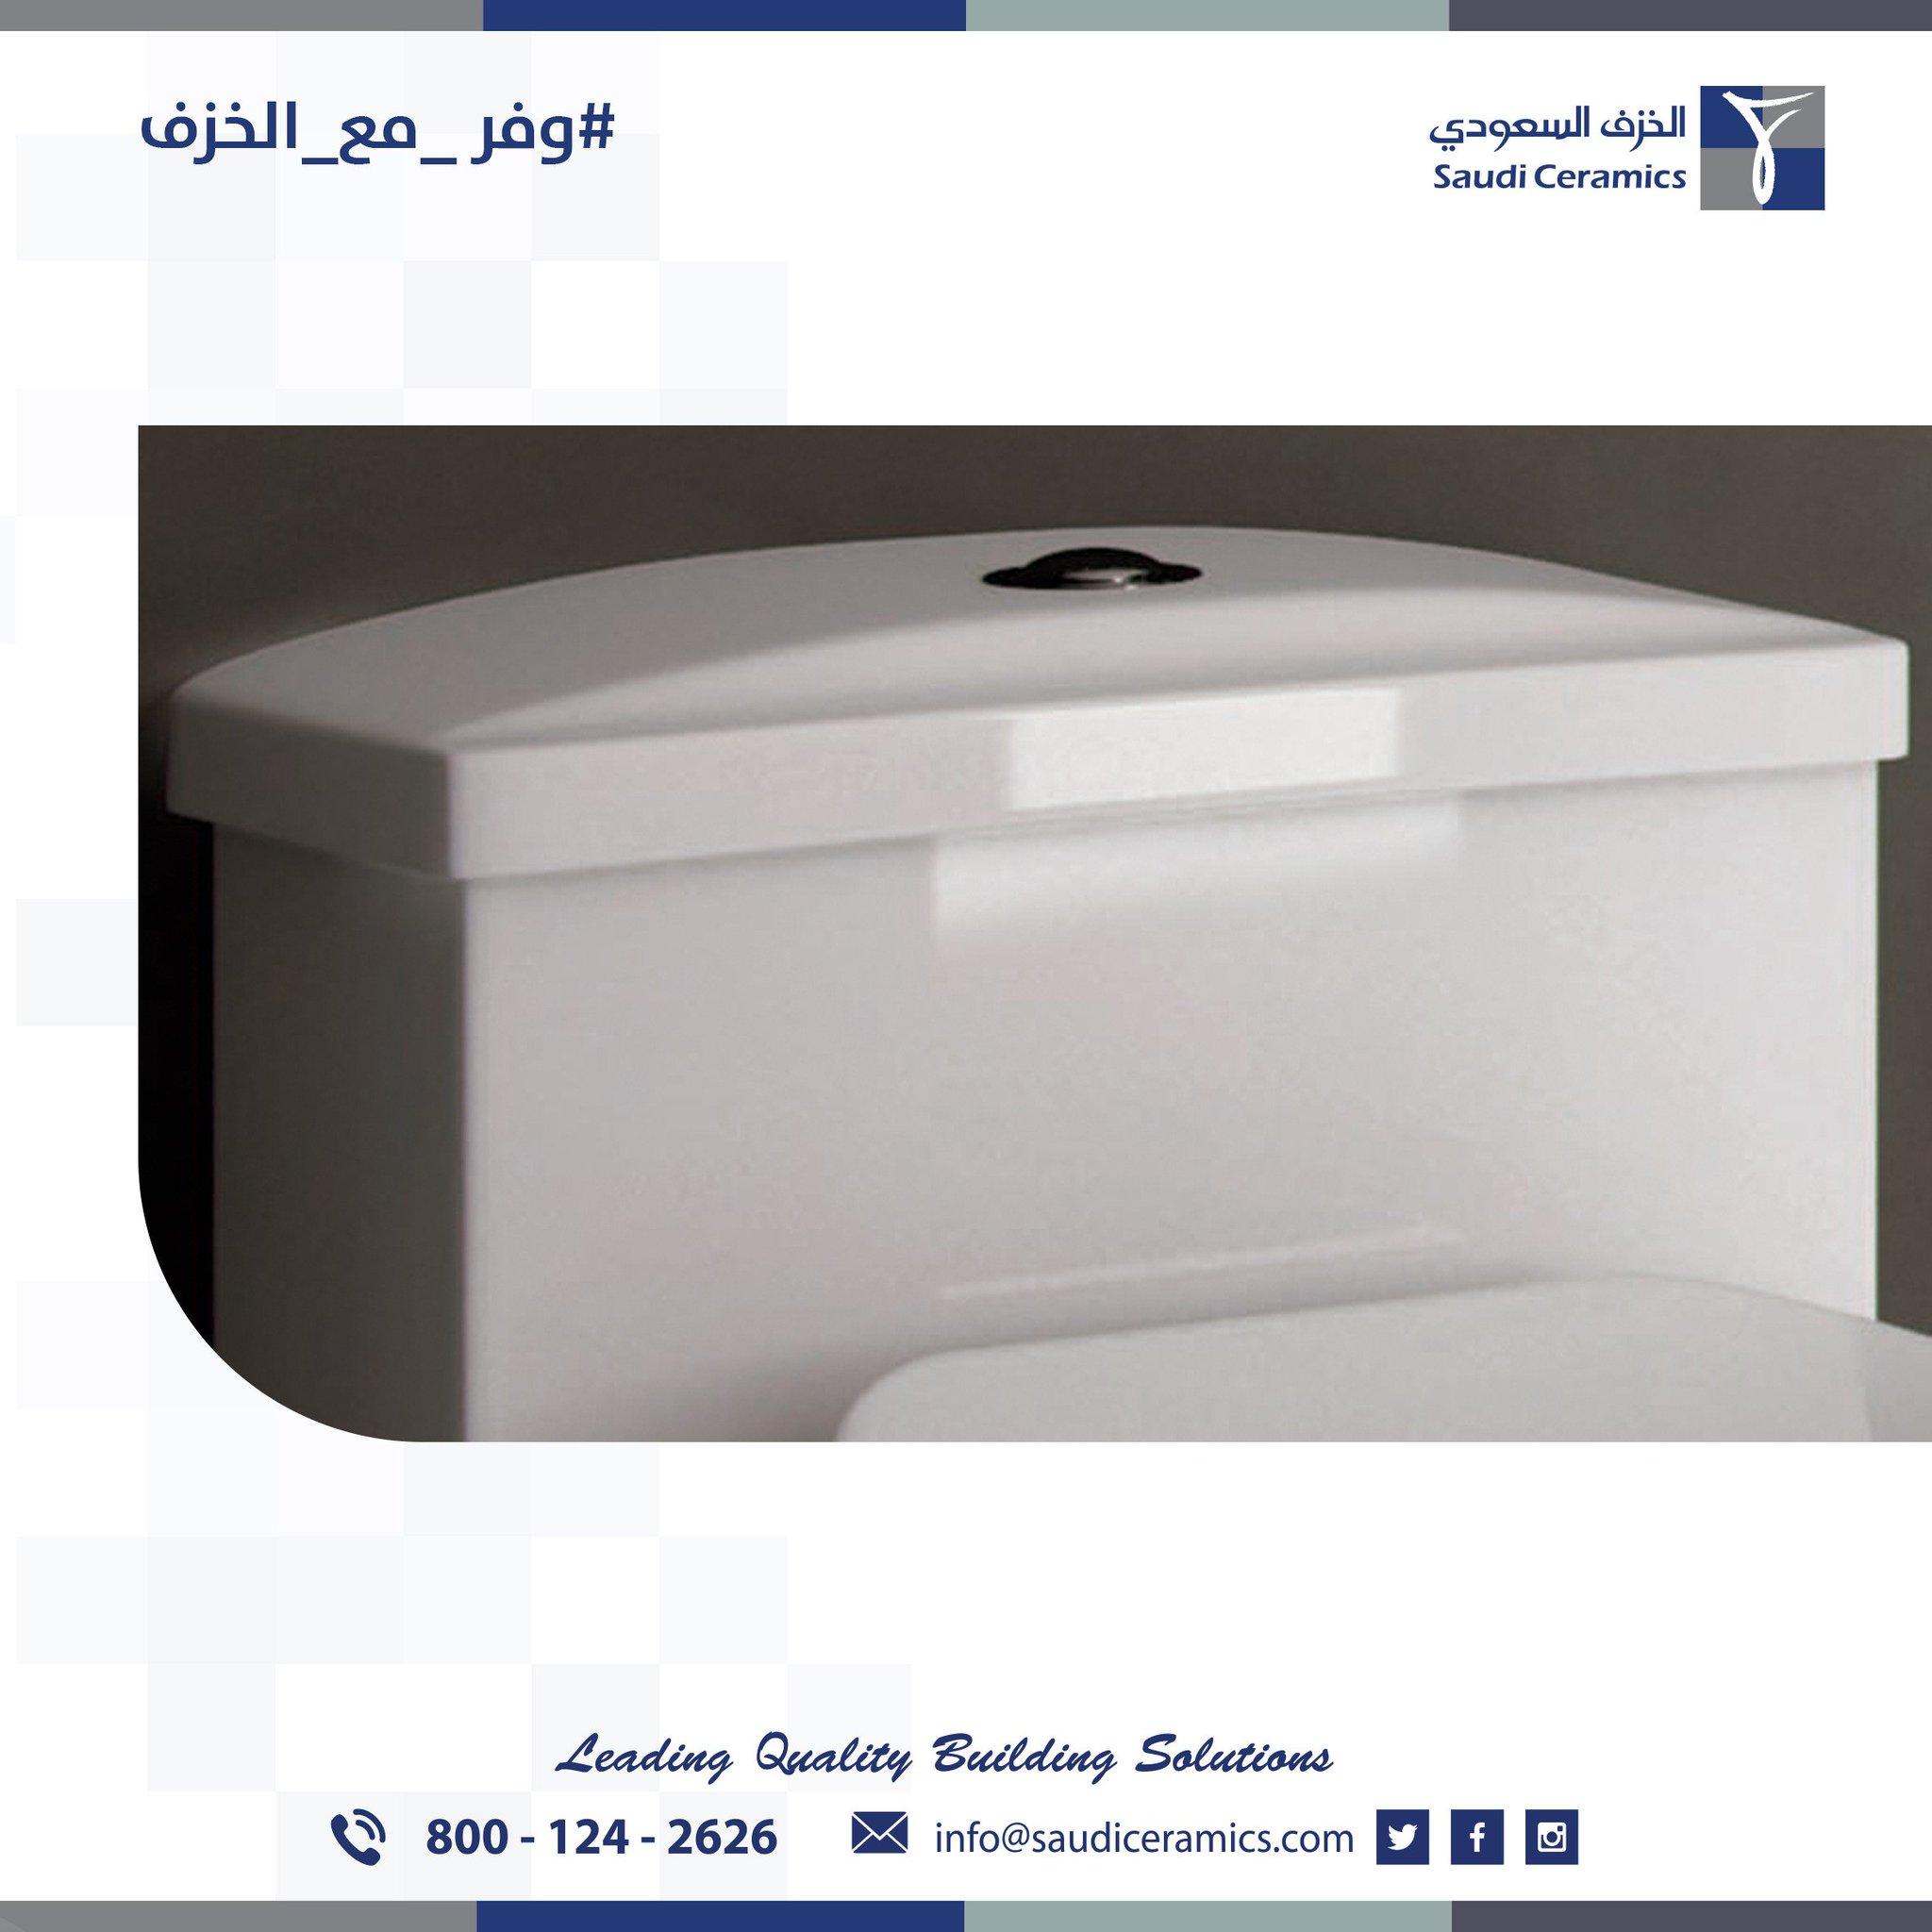 الخزف السعودي Pa Twitter تستخدم شركة الخزف السعودي عدة سيفون ذات جودة وكفاءة عالية وفر مع الخزف